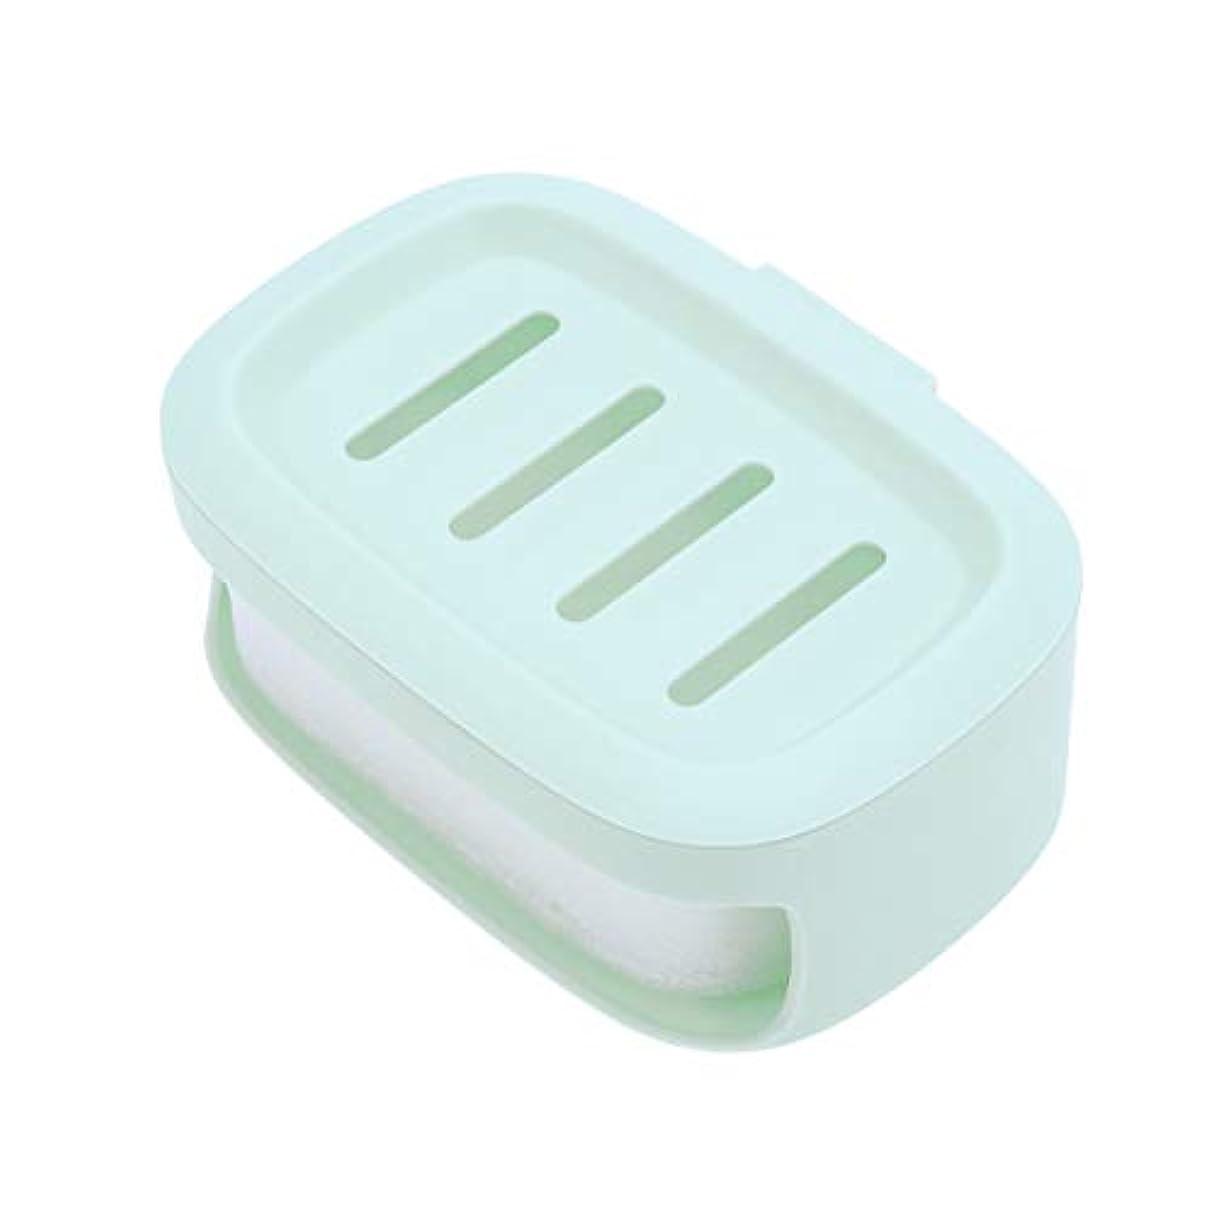 精査するミット模倣HEALIFTY ソープボックス防水ソープコンテナバスルームソープ収納ケースソープホルダー(グリーン)